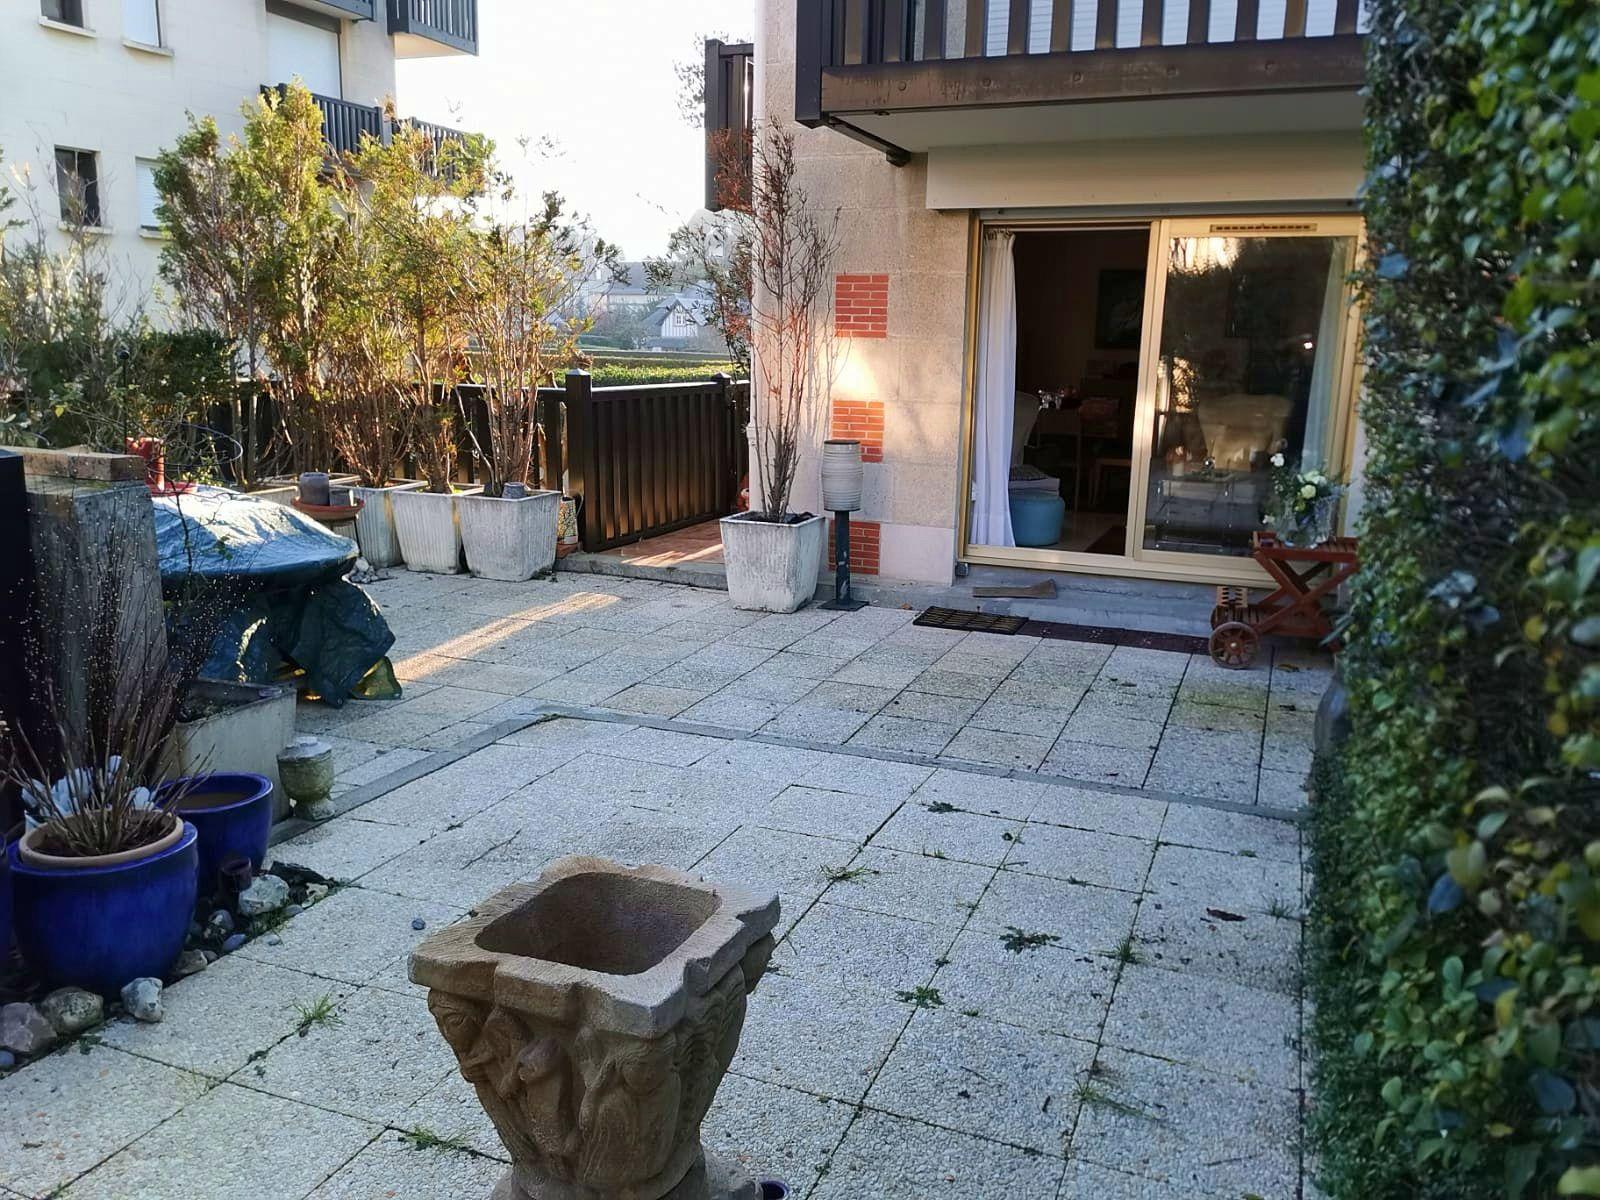 Vends dans résidence standing à 5' de la mer vends rez de jardin 78m²